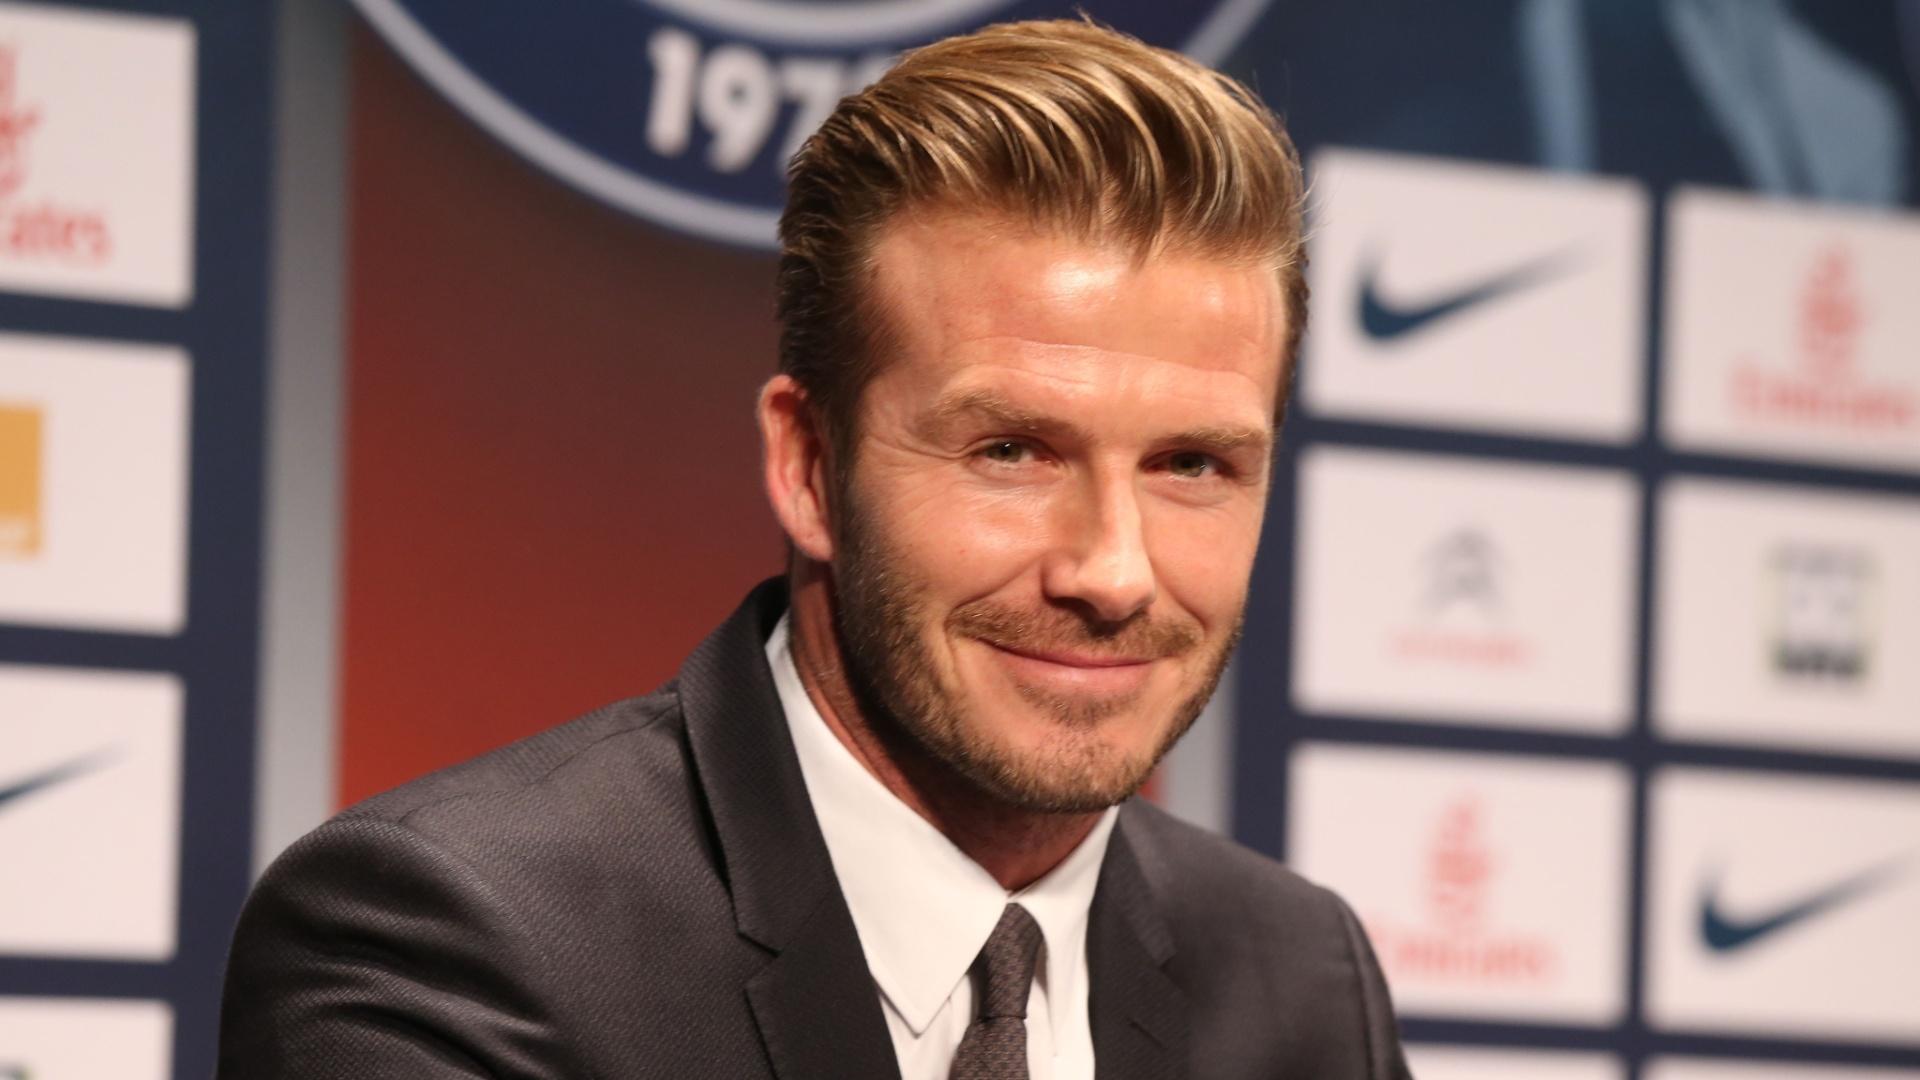 Me sinto honrado por estar em um dos melhores clubes do mundo, disse Beckham ao acertar com o PSG